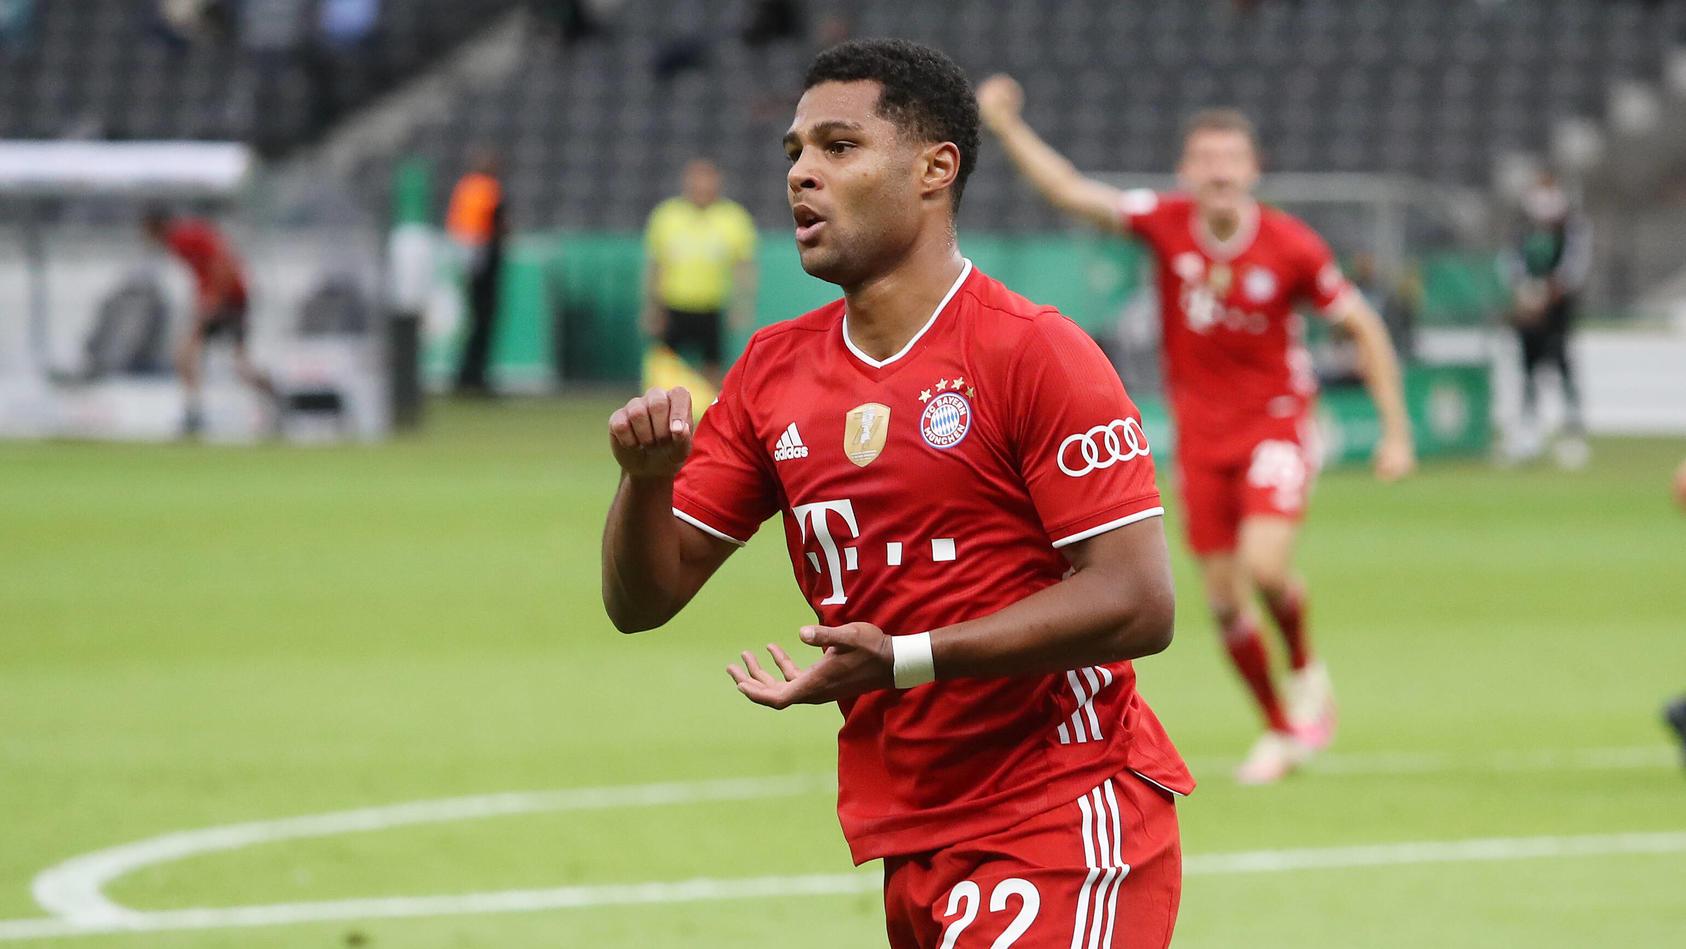 Fussball, Pokalfinale: Saison 2019/2020, 04.07.2020 DFB-Pokal Finale der Herren , Bayer Leverkusen - Bayern München , M